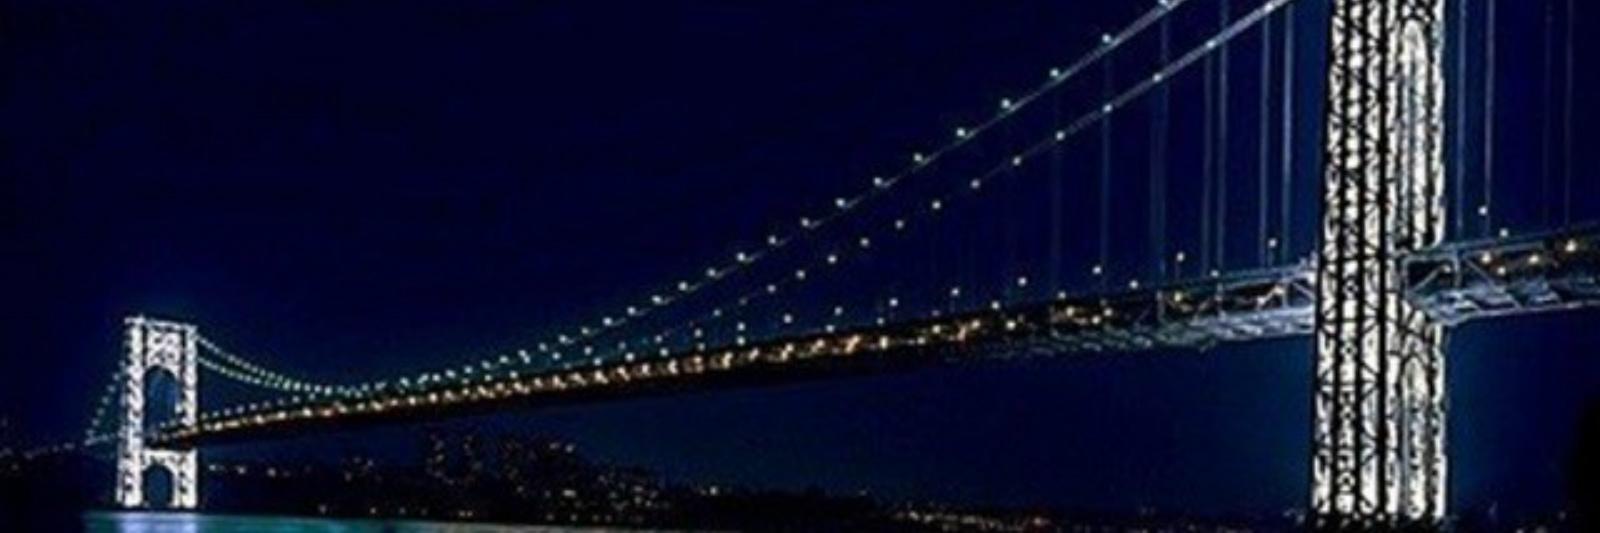 bridge-night-view.jpg